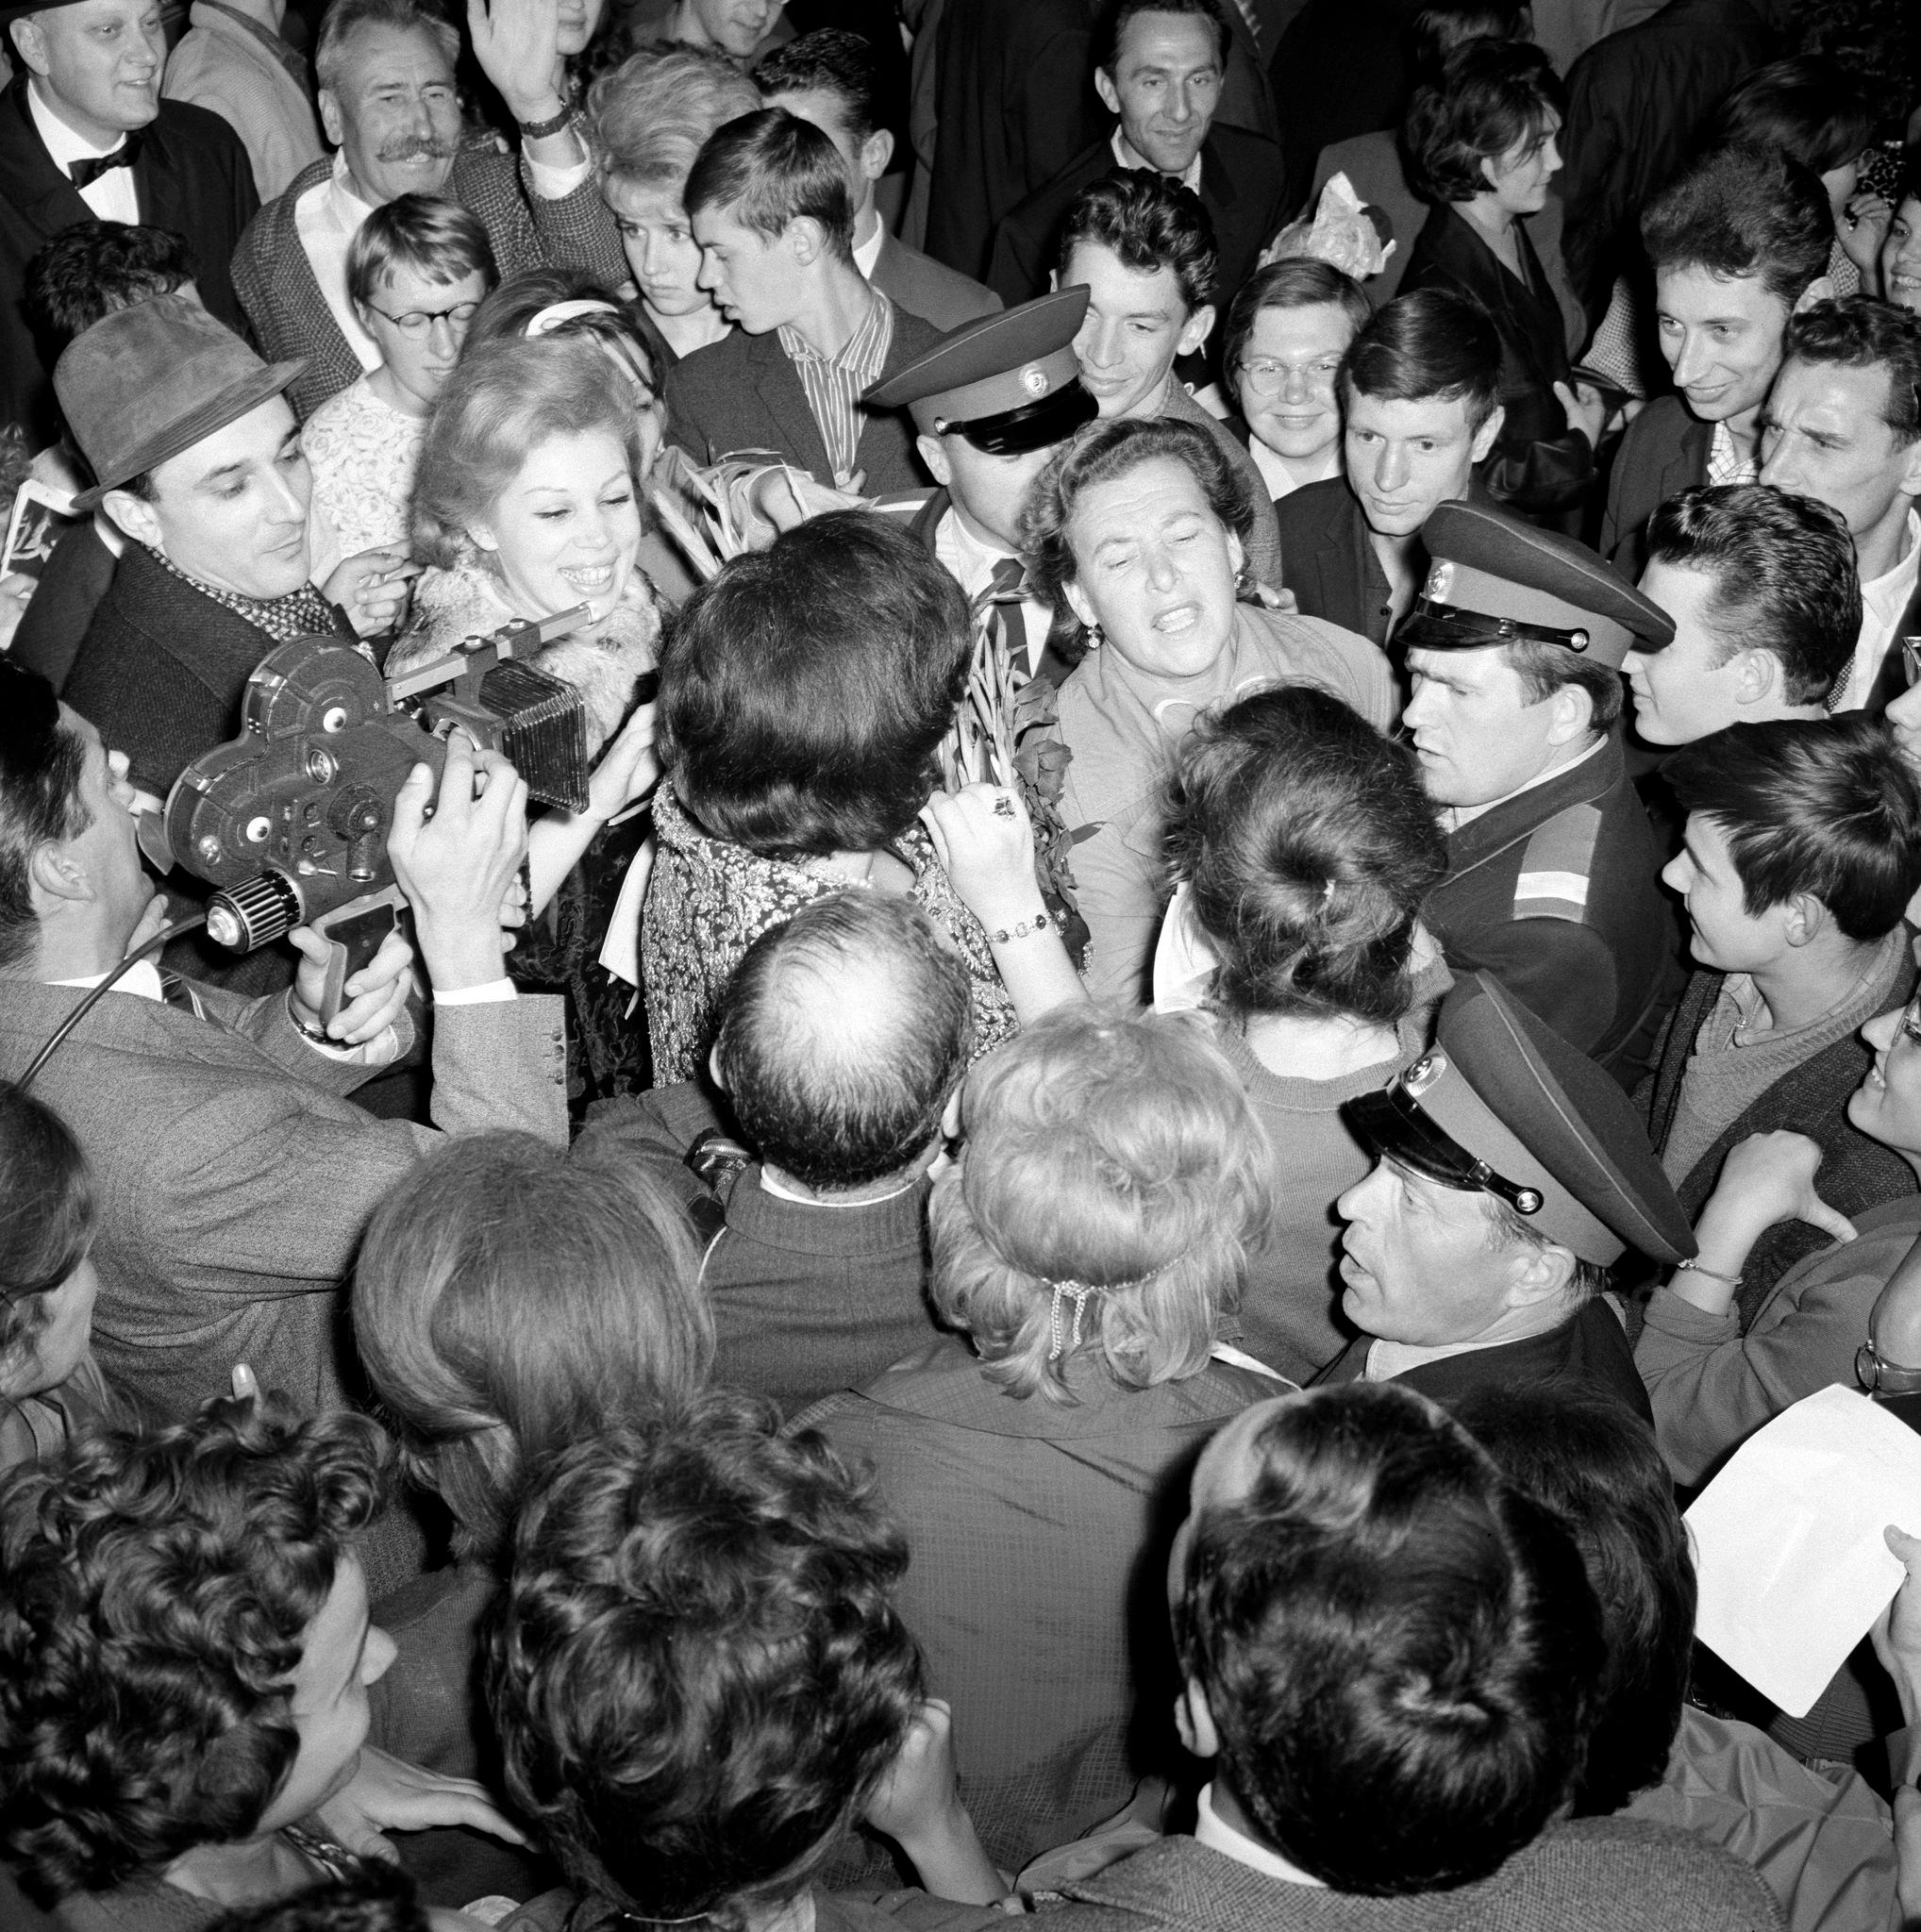 Бруно Преведи, Фиоренца Коссотто, Мирелла Френи и Маргарита Уоллман, окруженные зрителями вне театра, в конце выступления «Турандот». Большой театр.p…